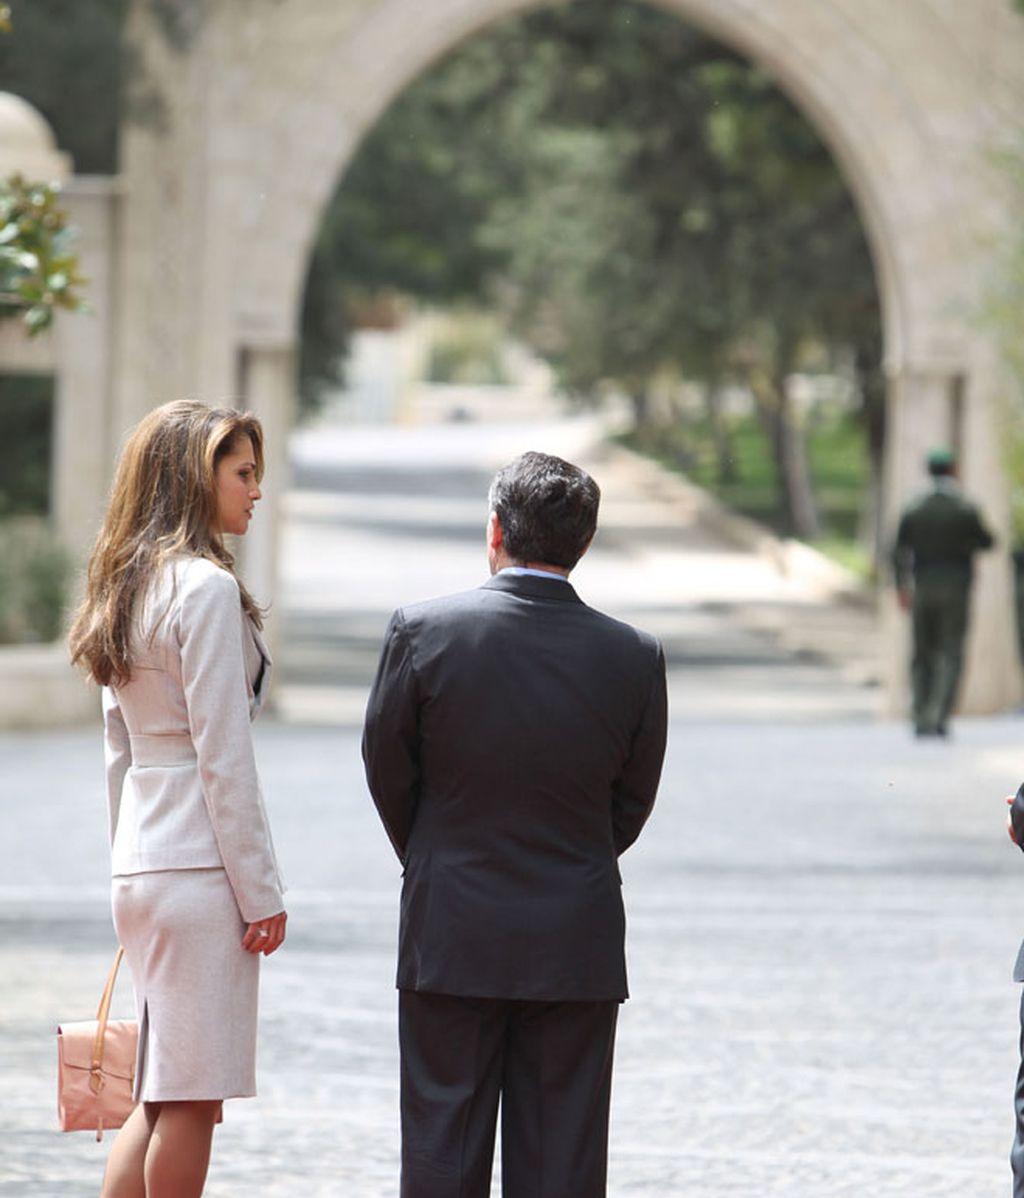 Las fotos del encuentro de Letizia Ortiz y Rania de Jordania